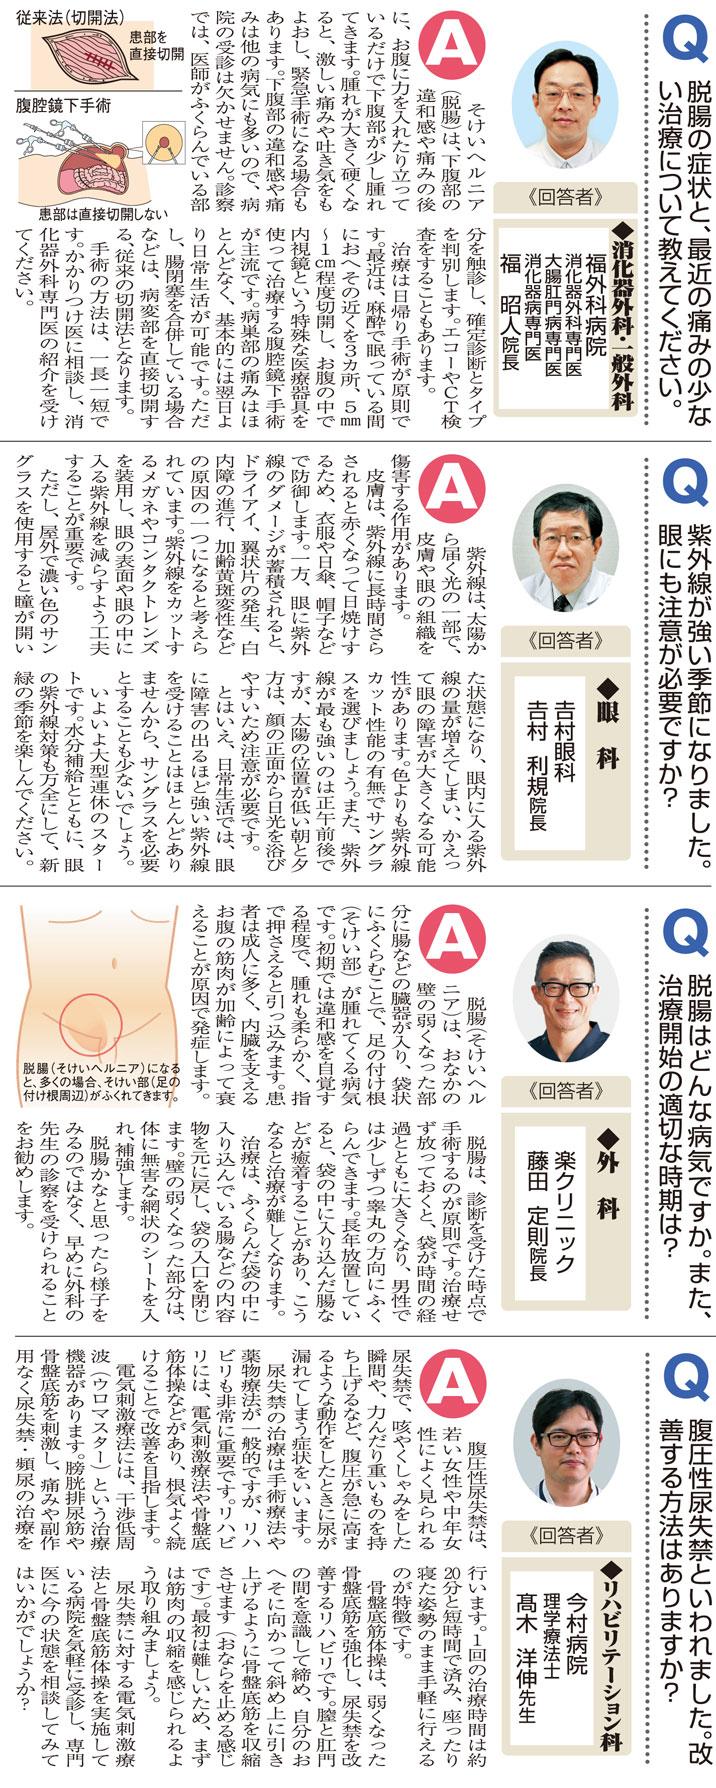 おしえて!マイドクターQ&A「脱腸」「紫外線」「脱腸」「腹圧性尿失禁」(2019.4.27)